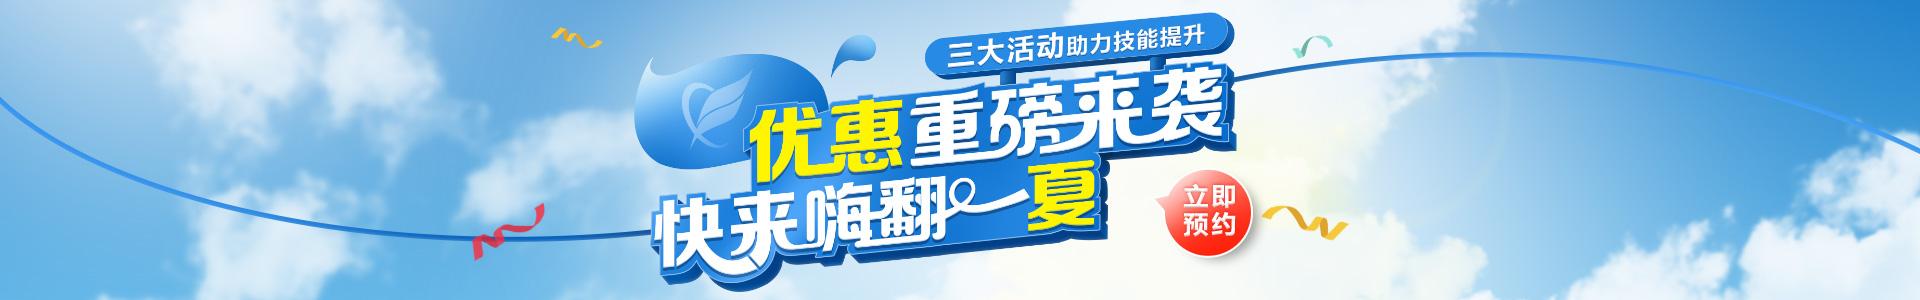 上海非凡教育